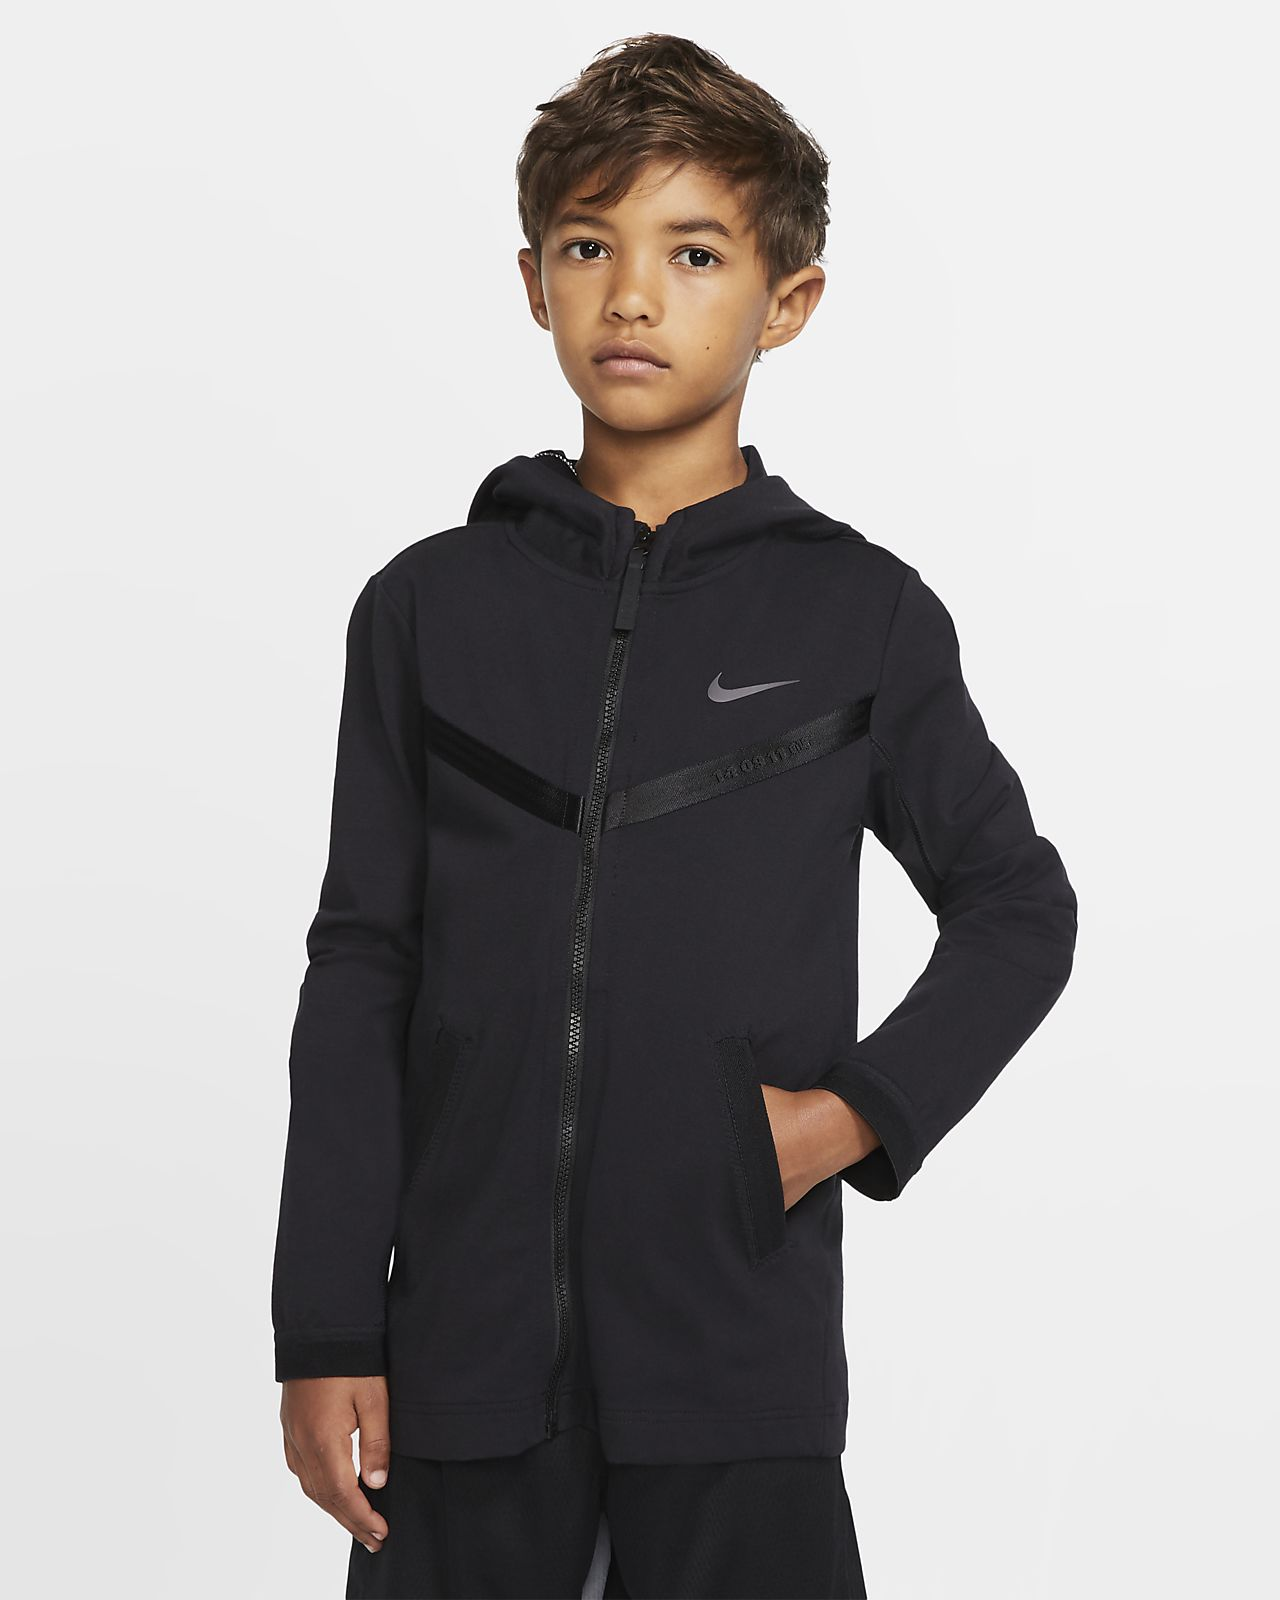 Μπλούζα με κουκούλα και φερμουάρ σε όλο το μήκος Nike Sportswear Tech Pack για μεγάλα παιδιά